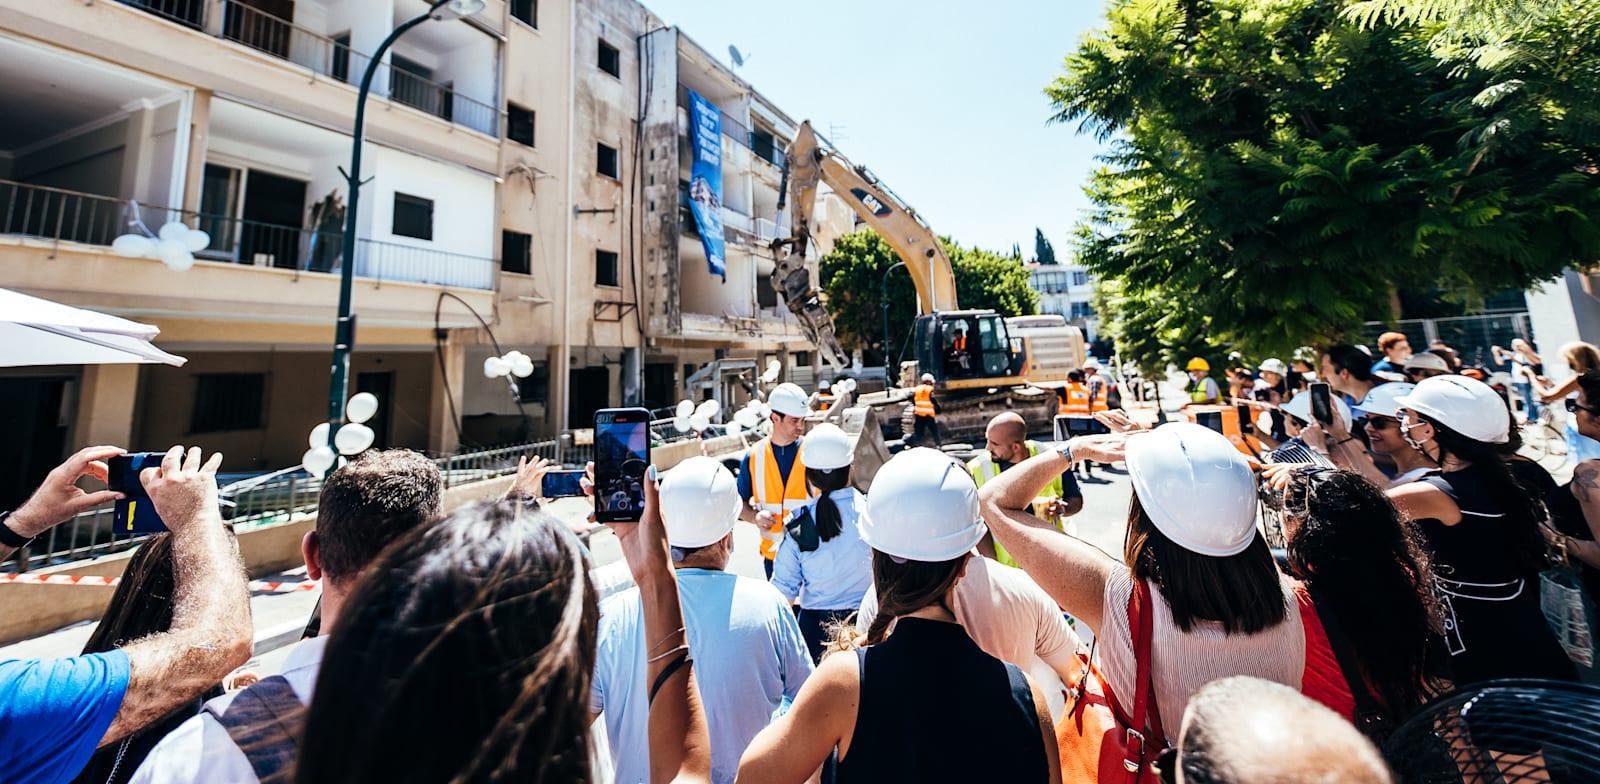 דיירי הבניינים באנטיגונוס 11-13 בתל אביב צופים בהריסתם  על ידי חברת לוינשטין / צילום: גיא סידי